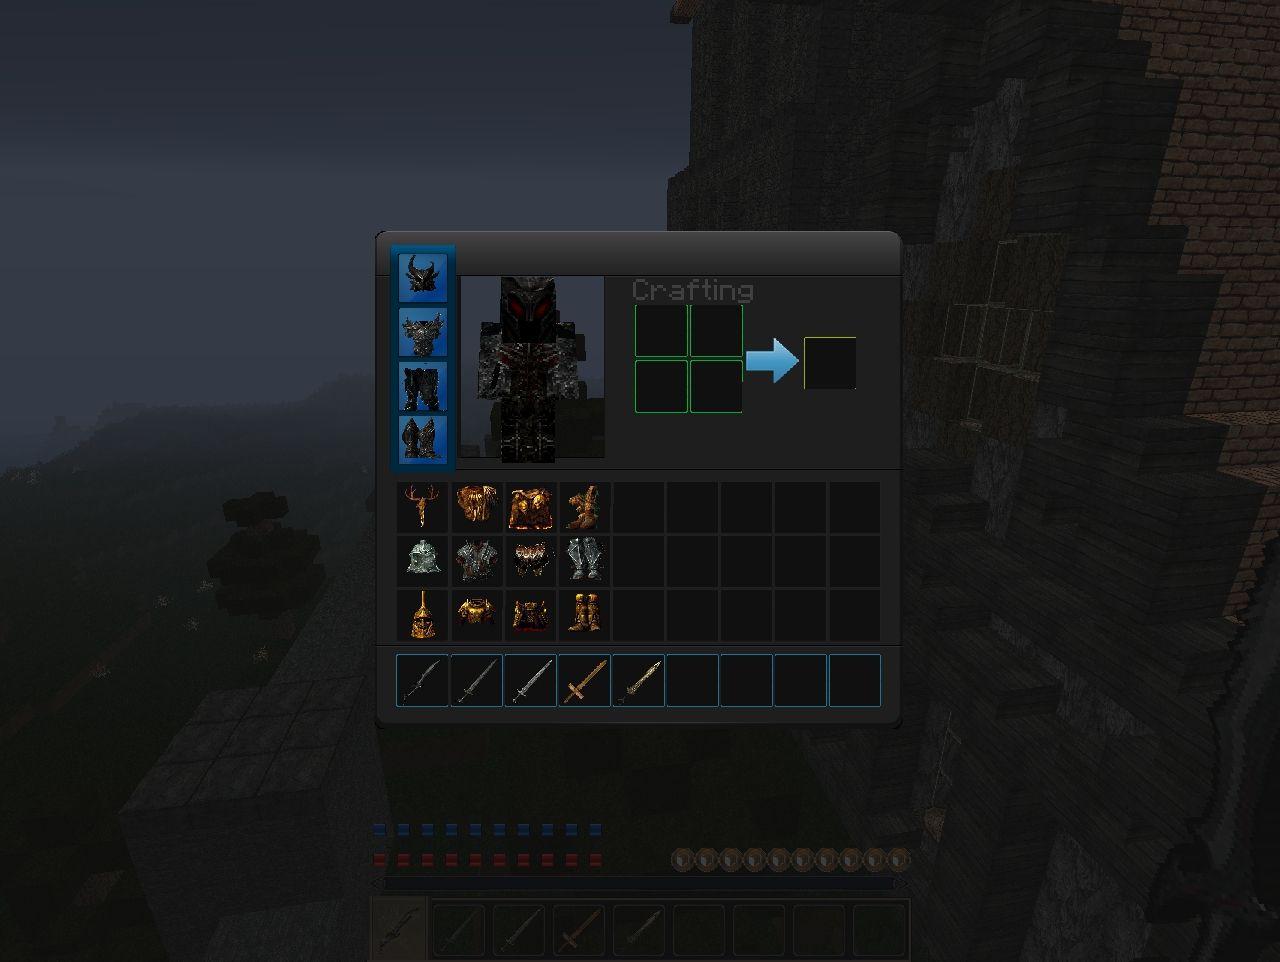 http://minecraft-forum.net/wp-content/uploads/2013/07/7cb1a__Skyrimcraft-texture-pack-2.jpg